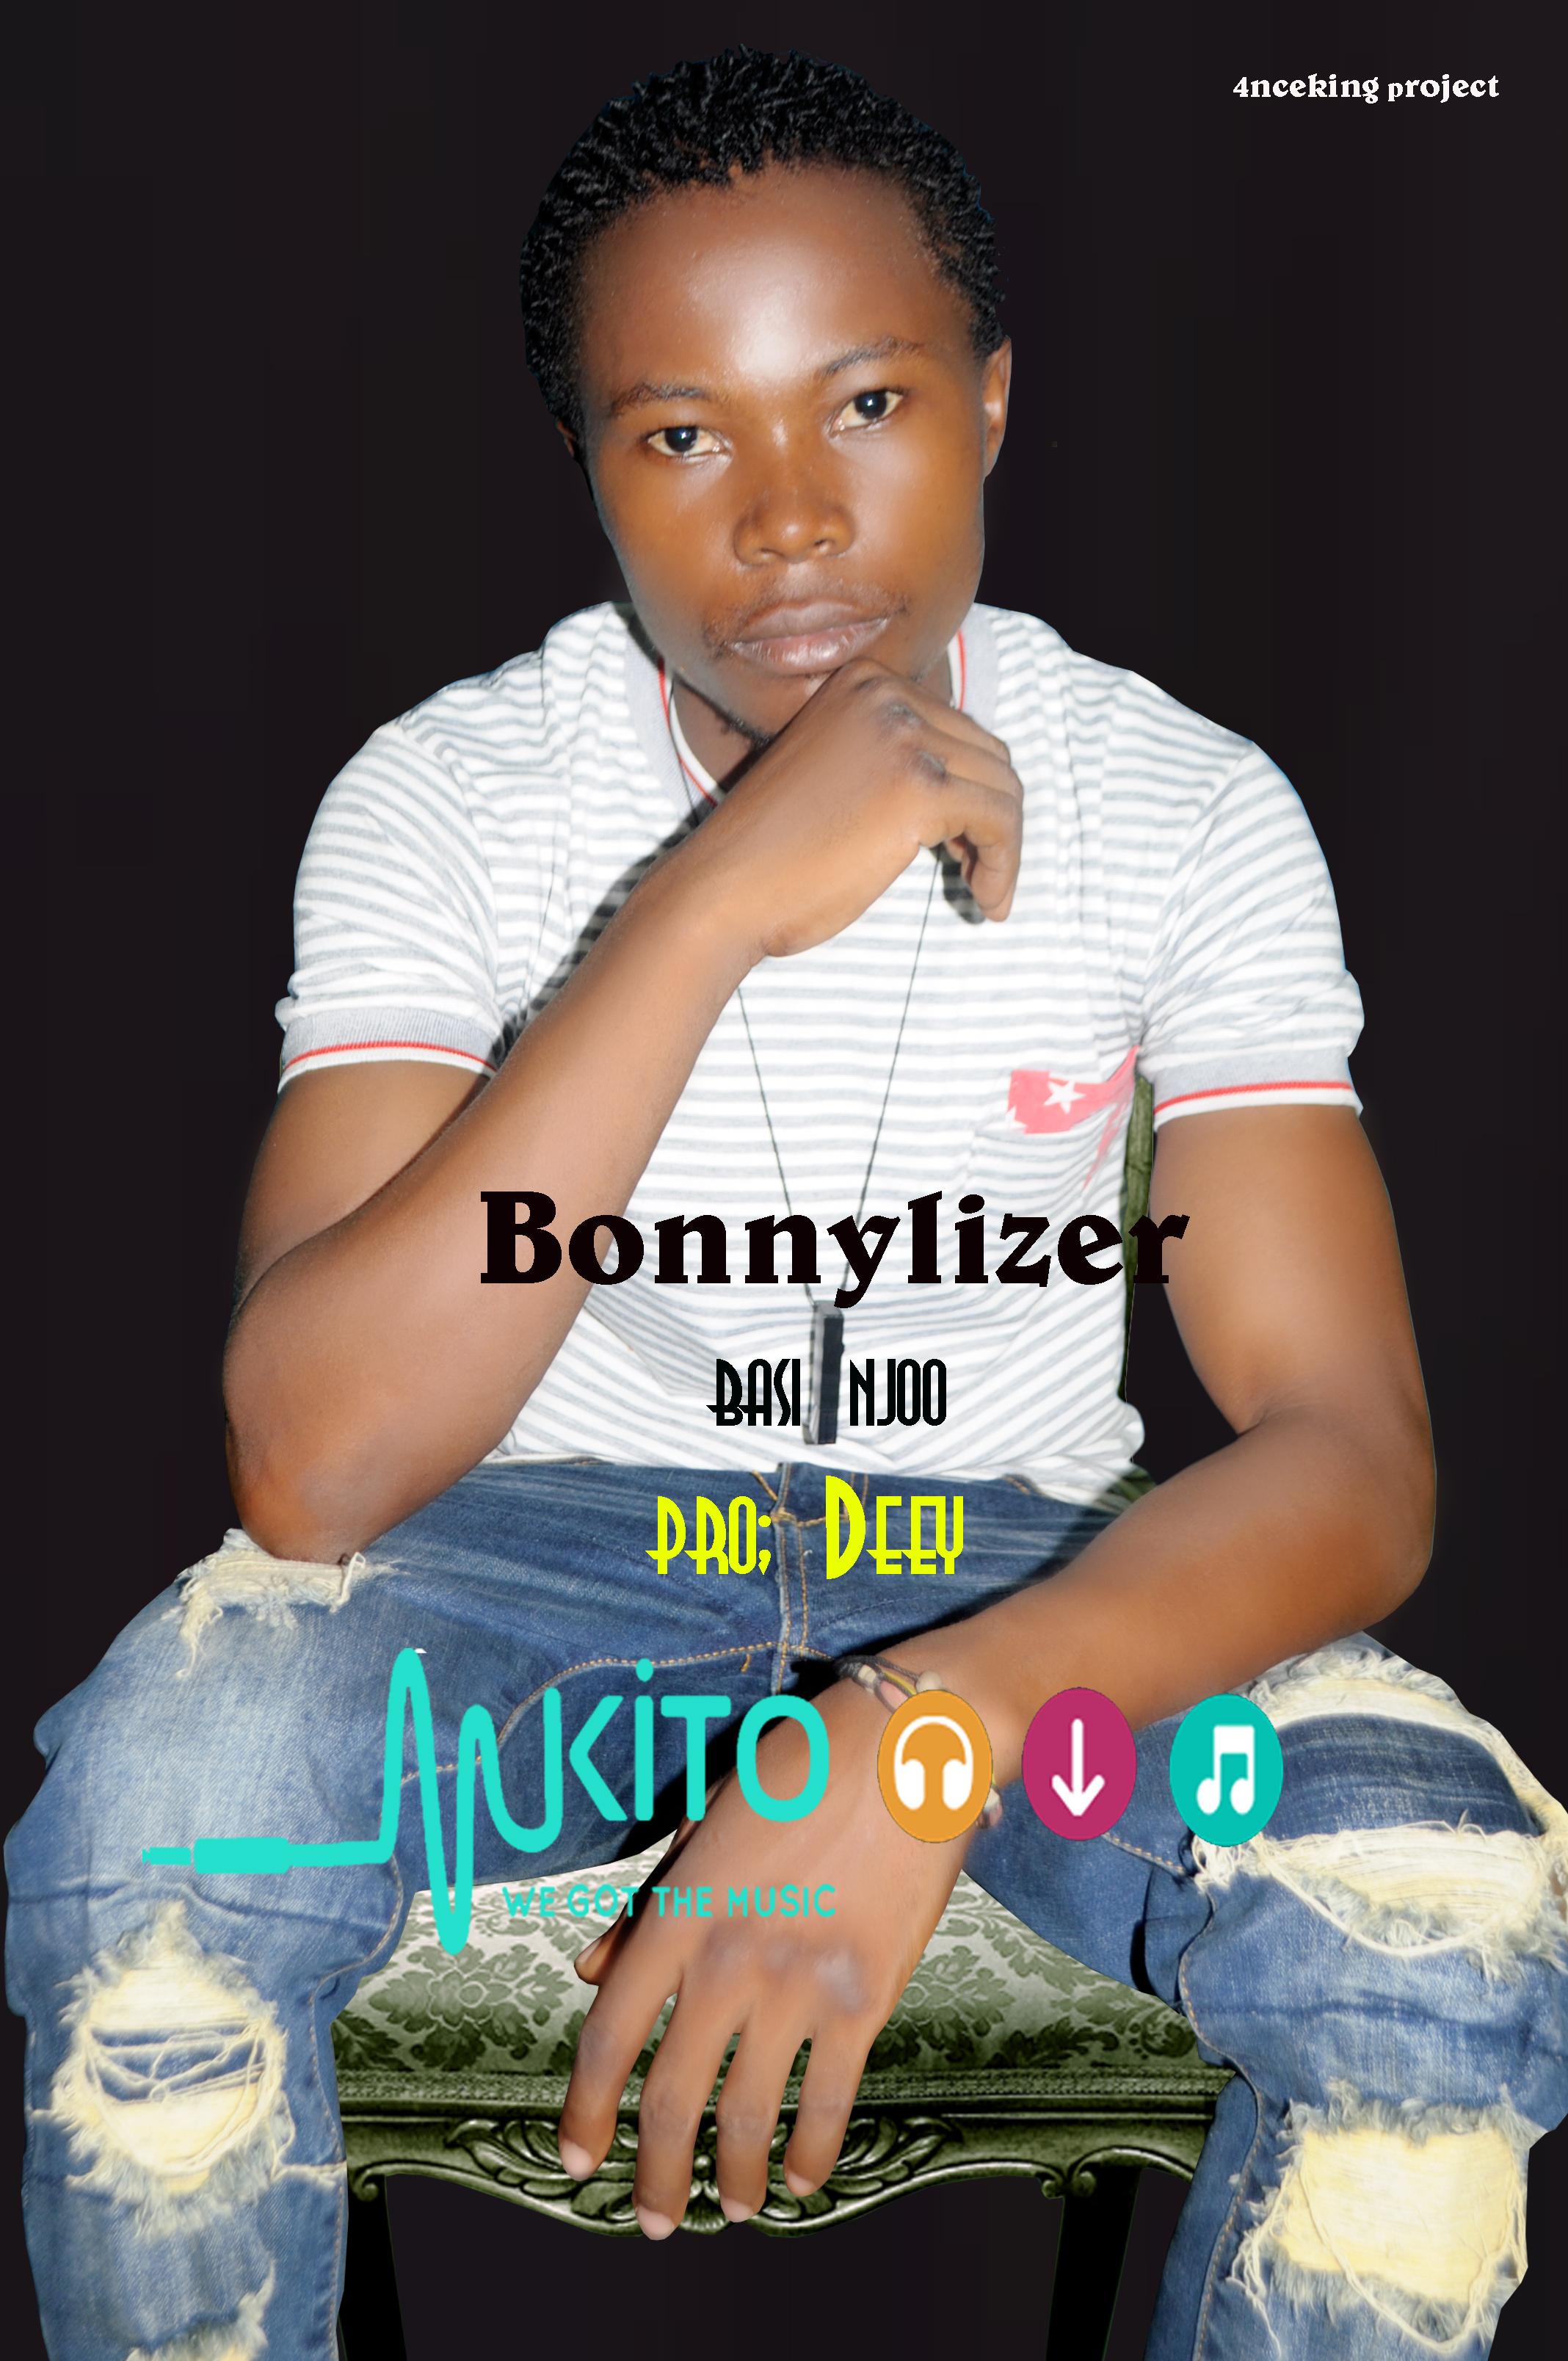 Bonnylizer - Basi njoo